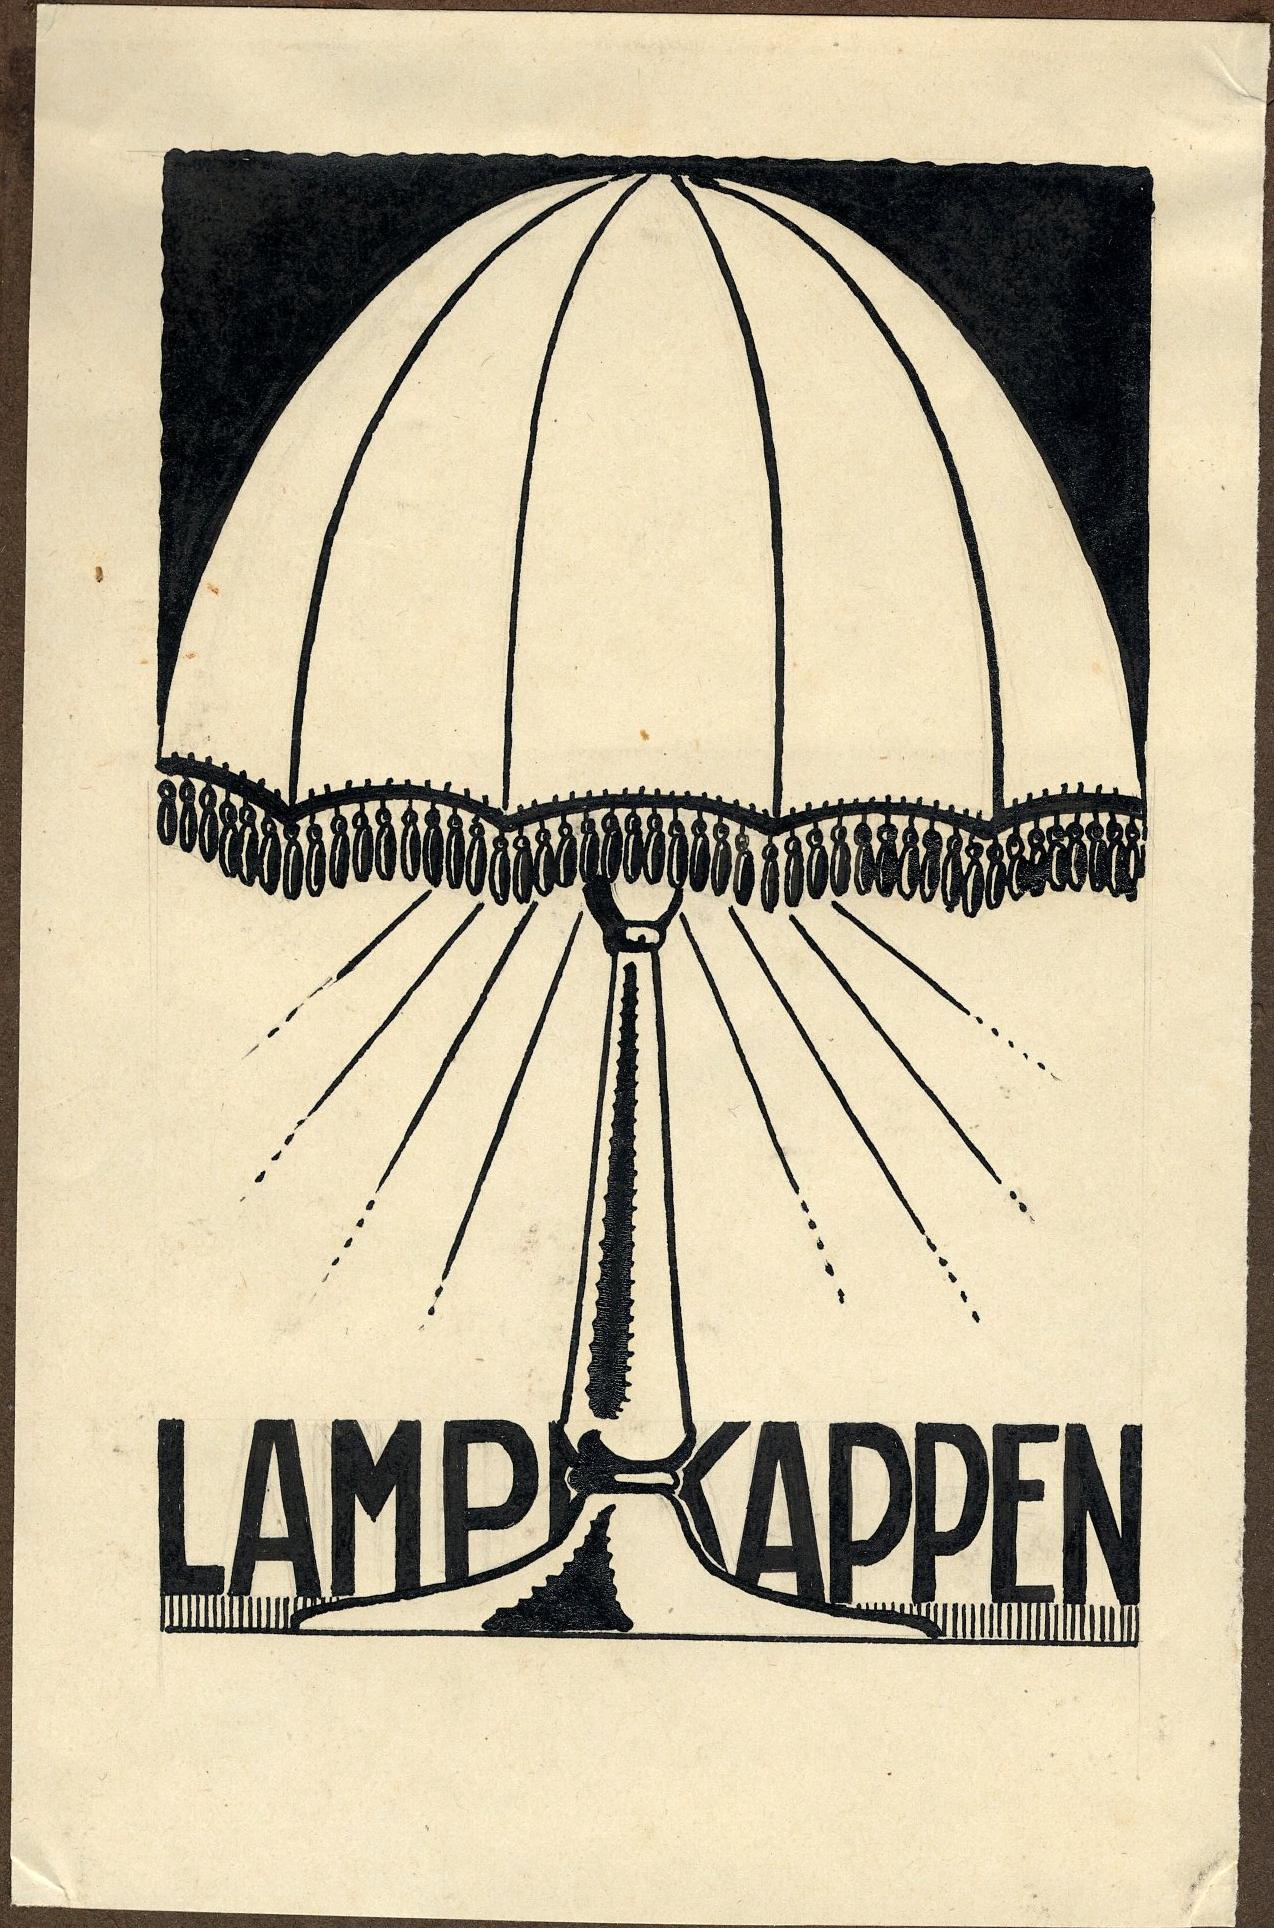 Lampekappen